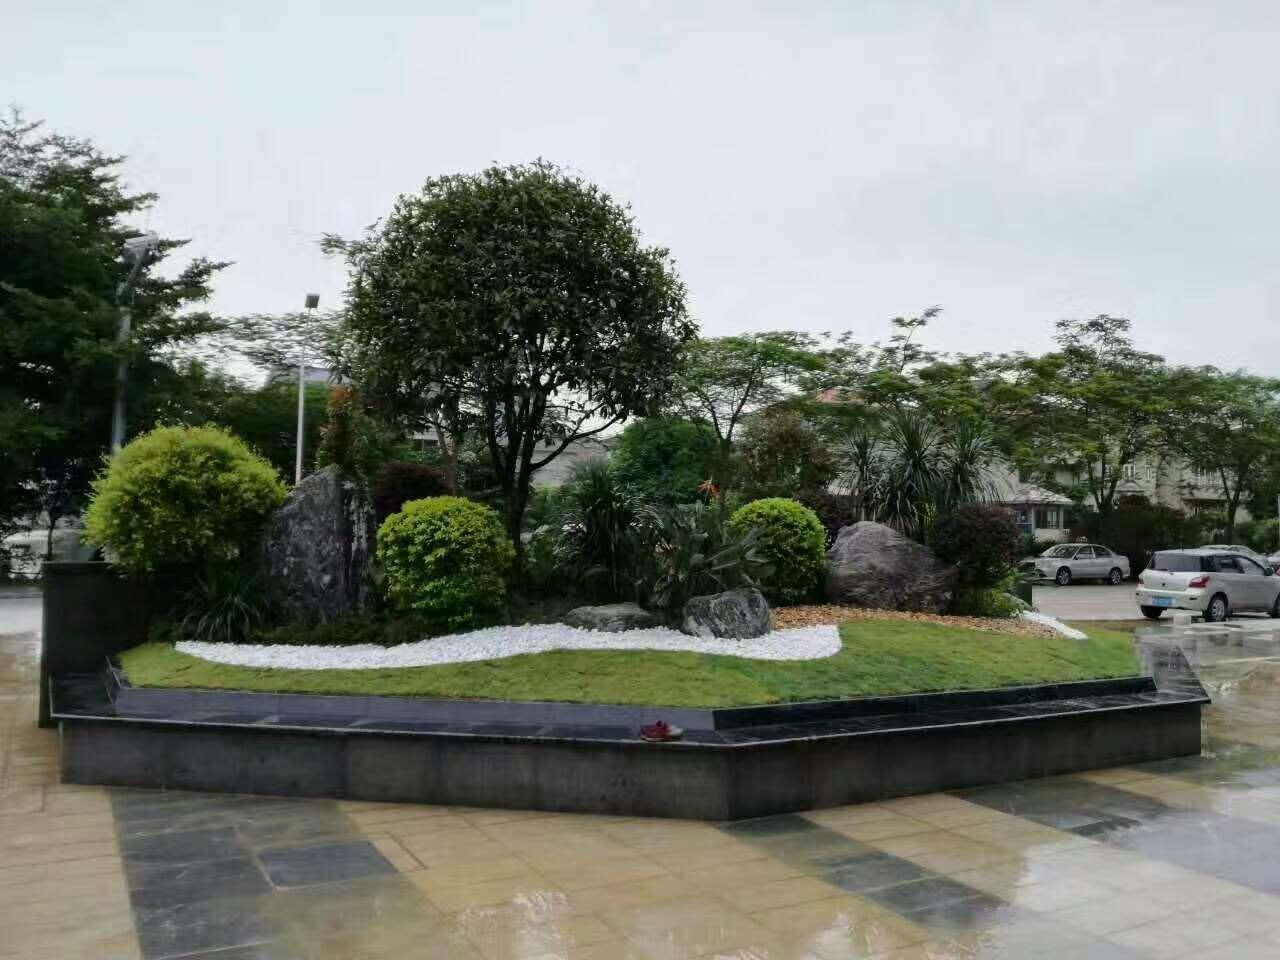 恭喜中艺源园林与建曙房地产签订小区绿化改造施工